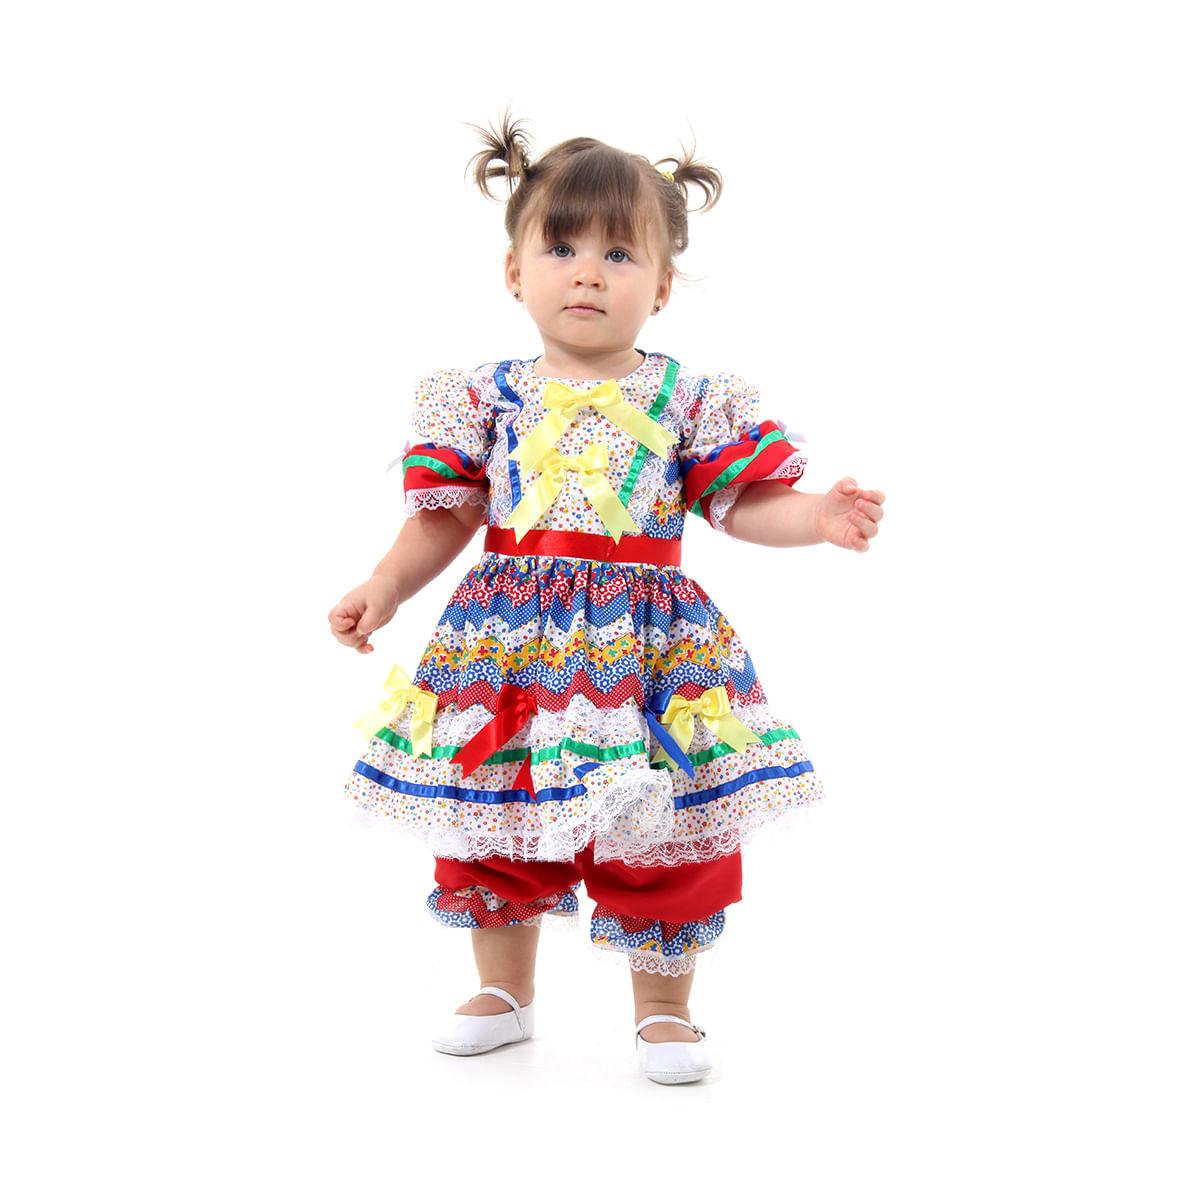 Fantasia Caipira Bebê com Culote Vermelha e Azul - Festa Junina